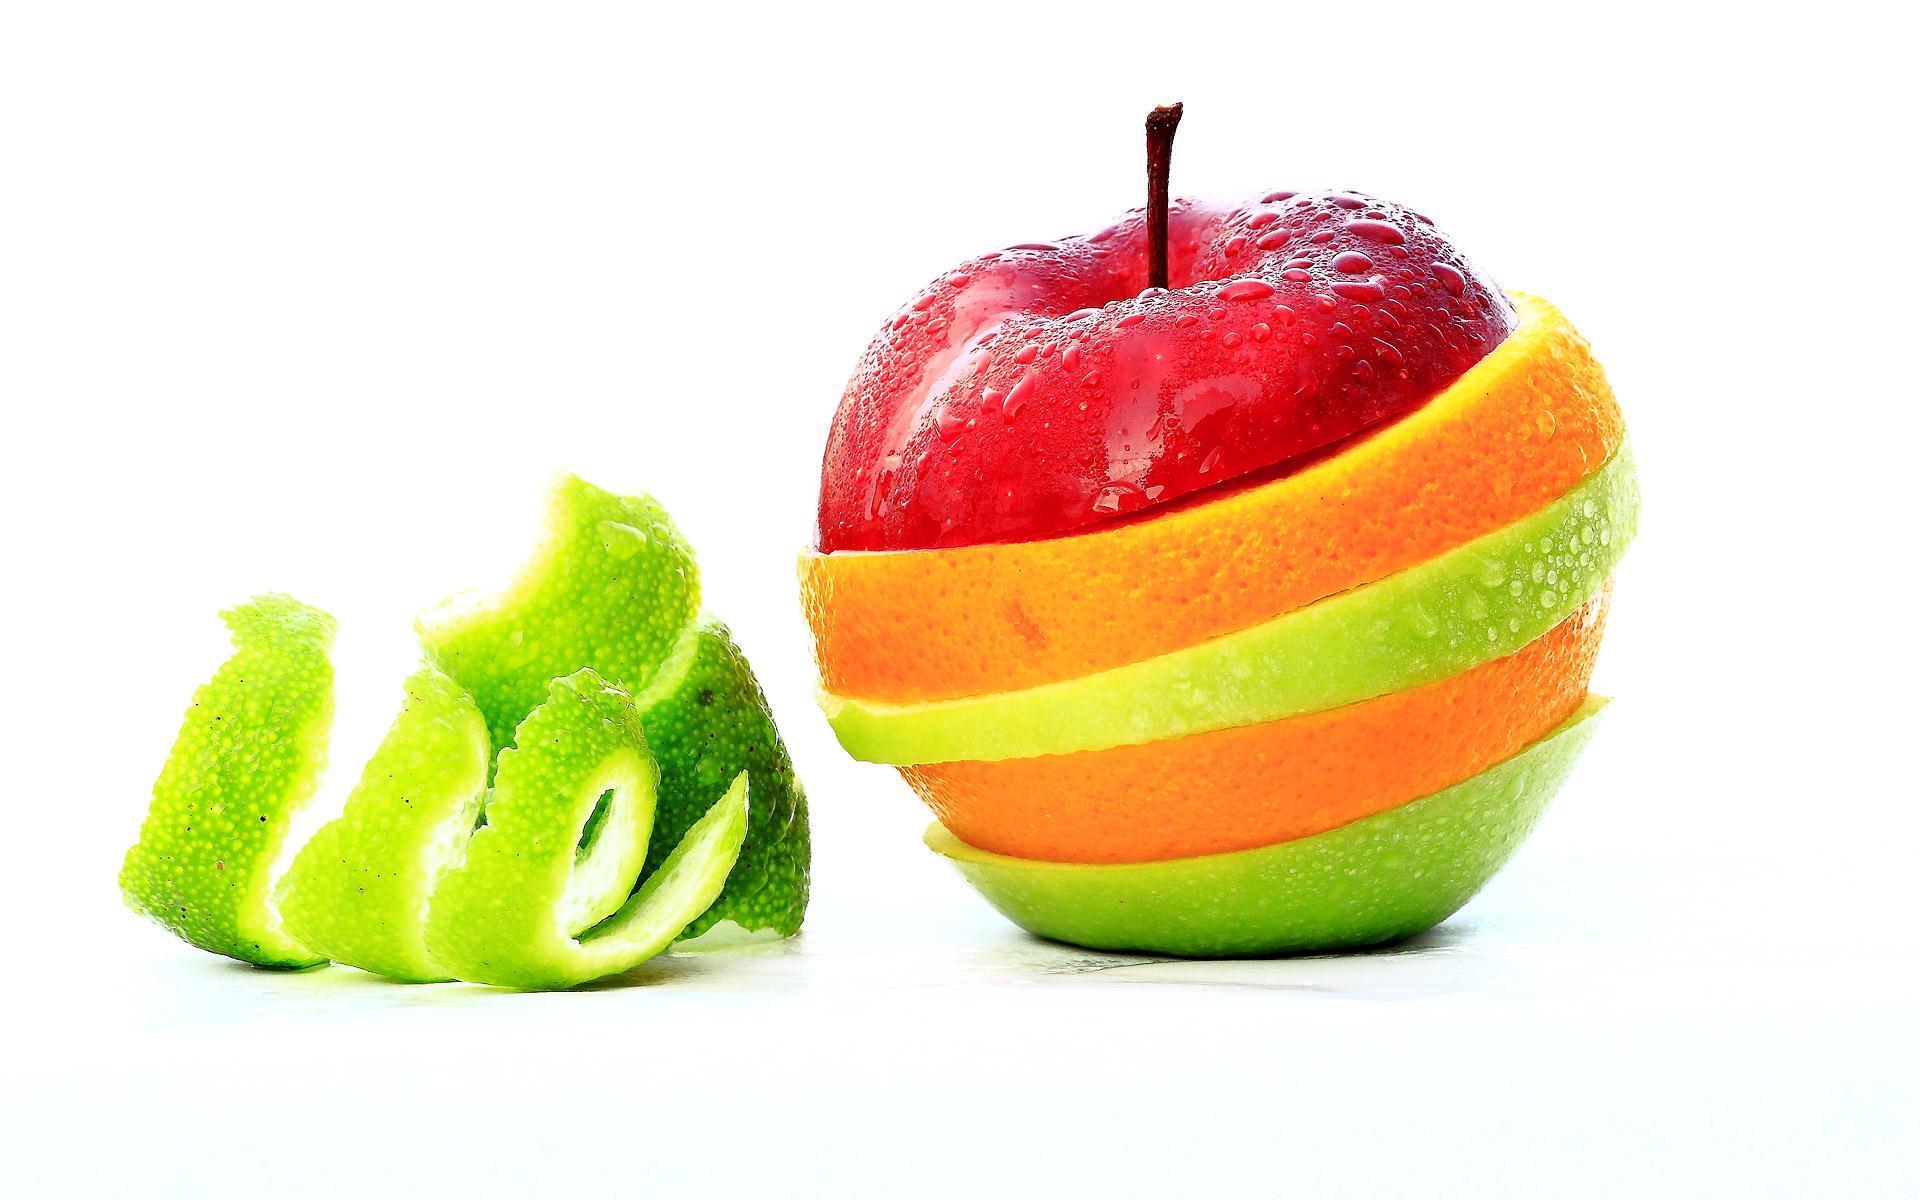 яблоко, апльсин, лайм, радуга из фруктов, фото, обои на рабочий стол